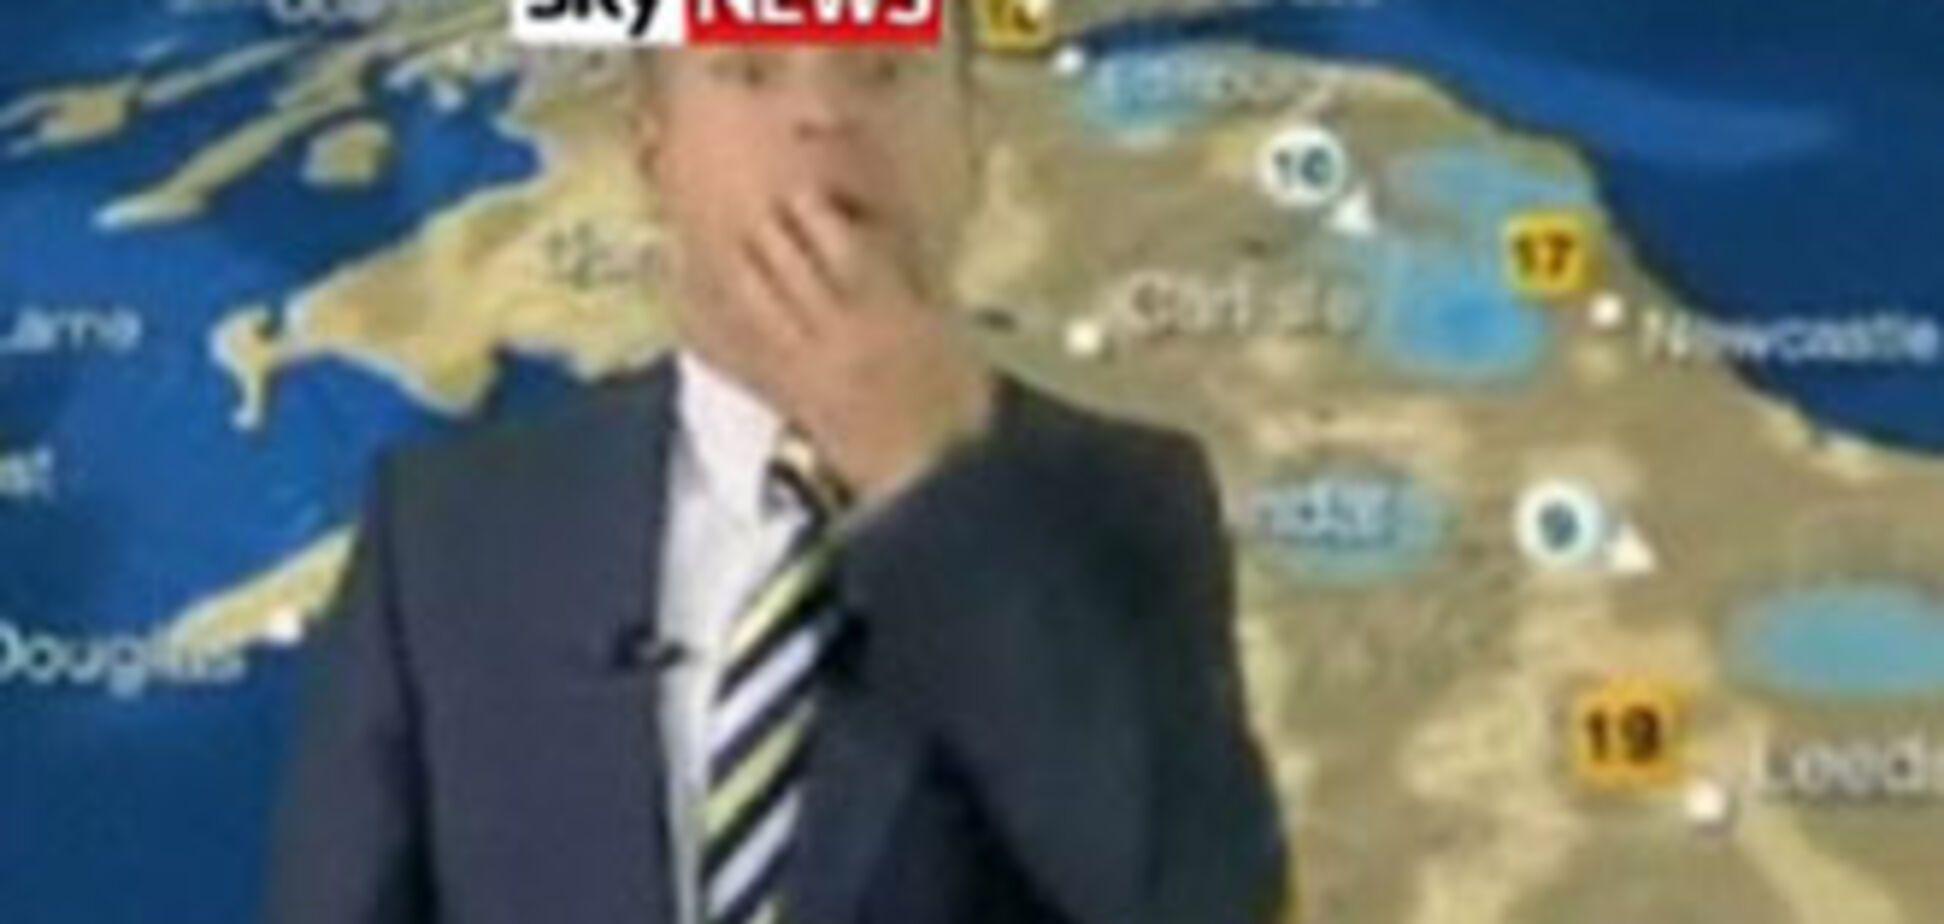 Телеведучого звільнили через непристойний жест у прямому ефірі